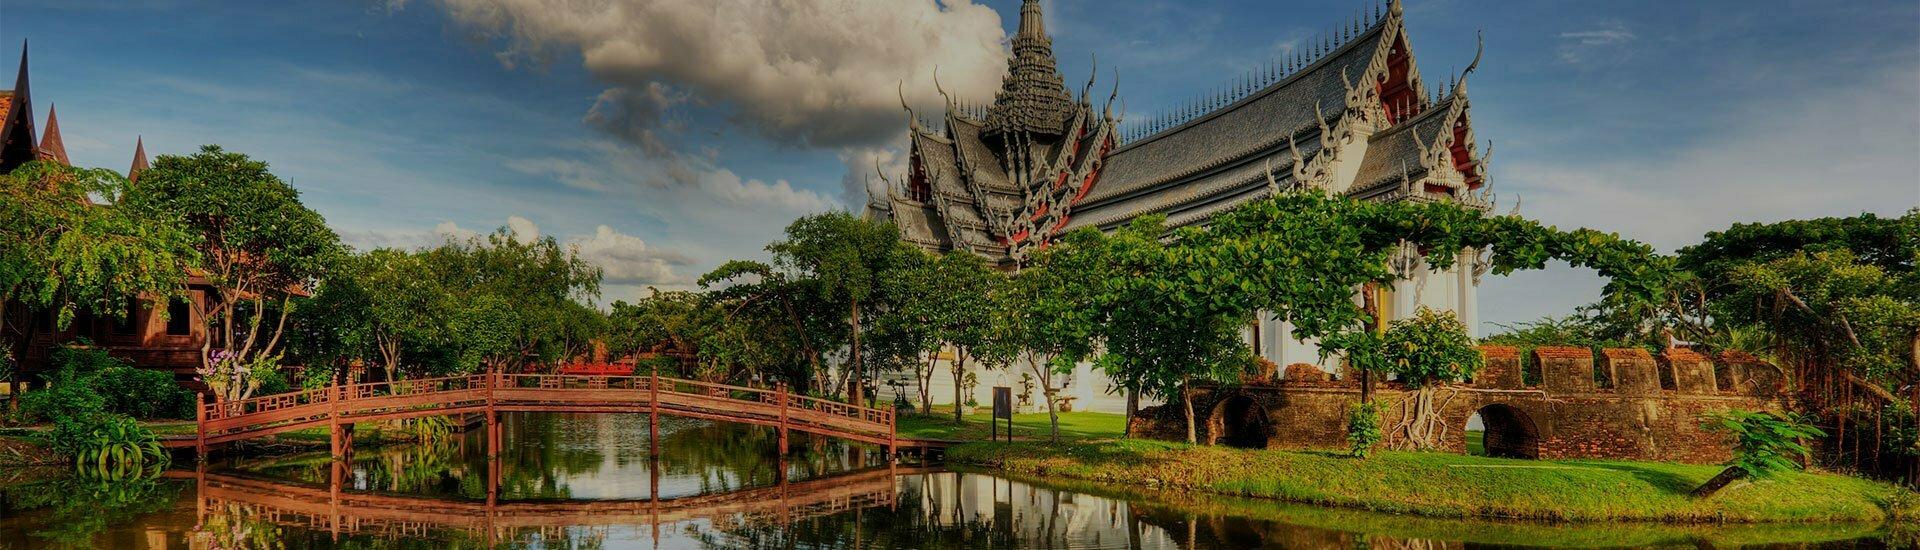 Voyage En Thalande Hanoi Voyages Agence De Voyage Sur